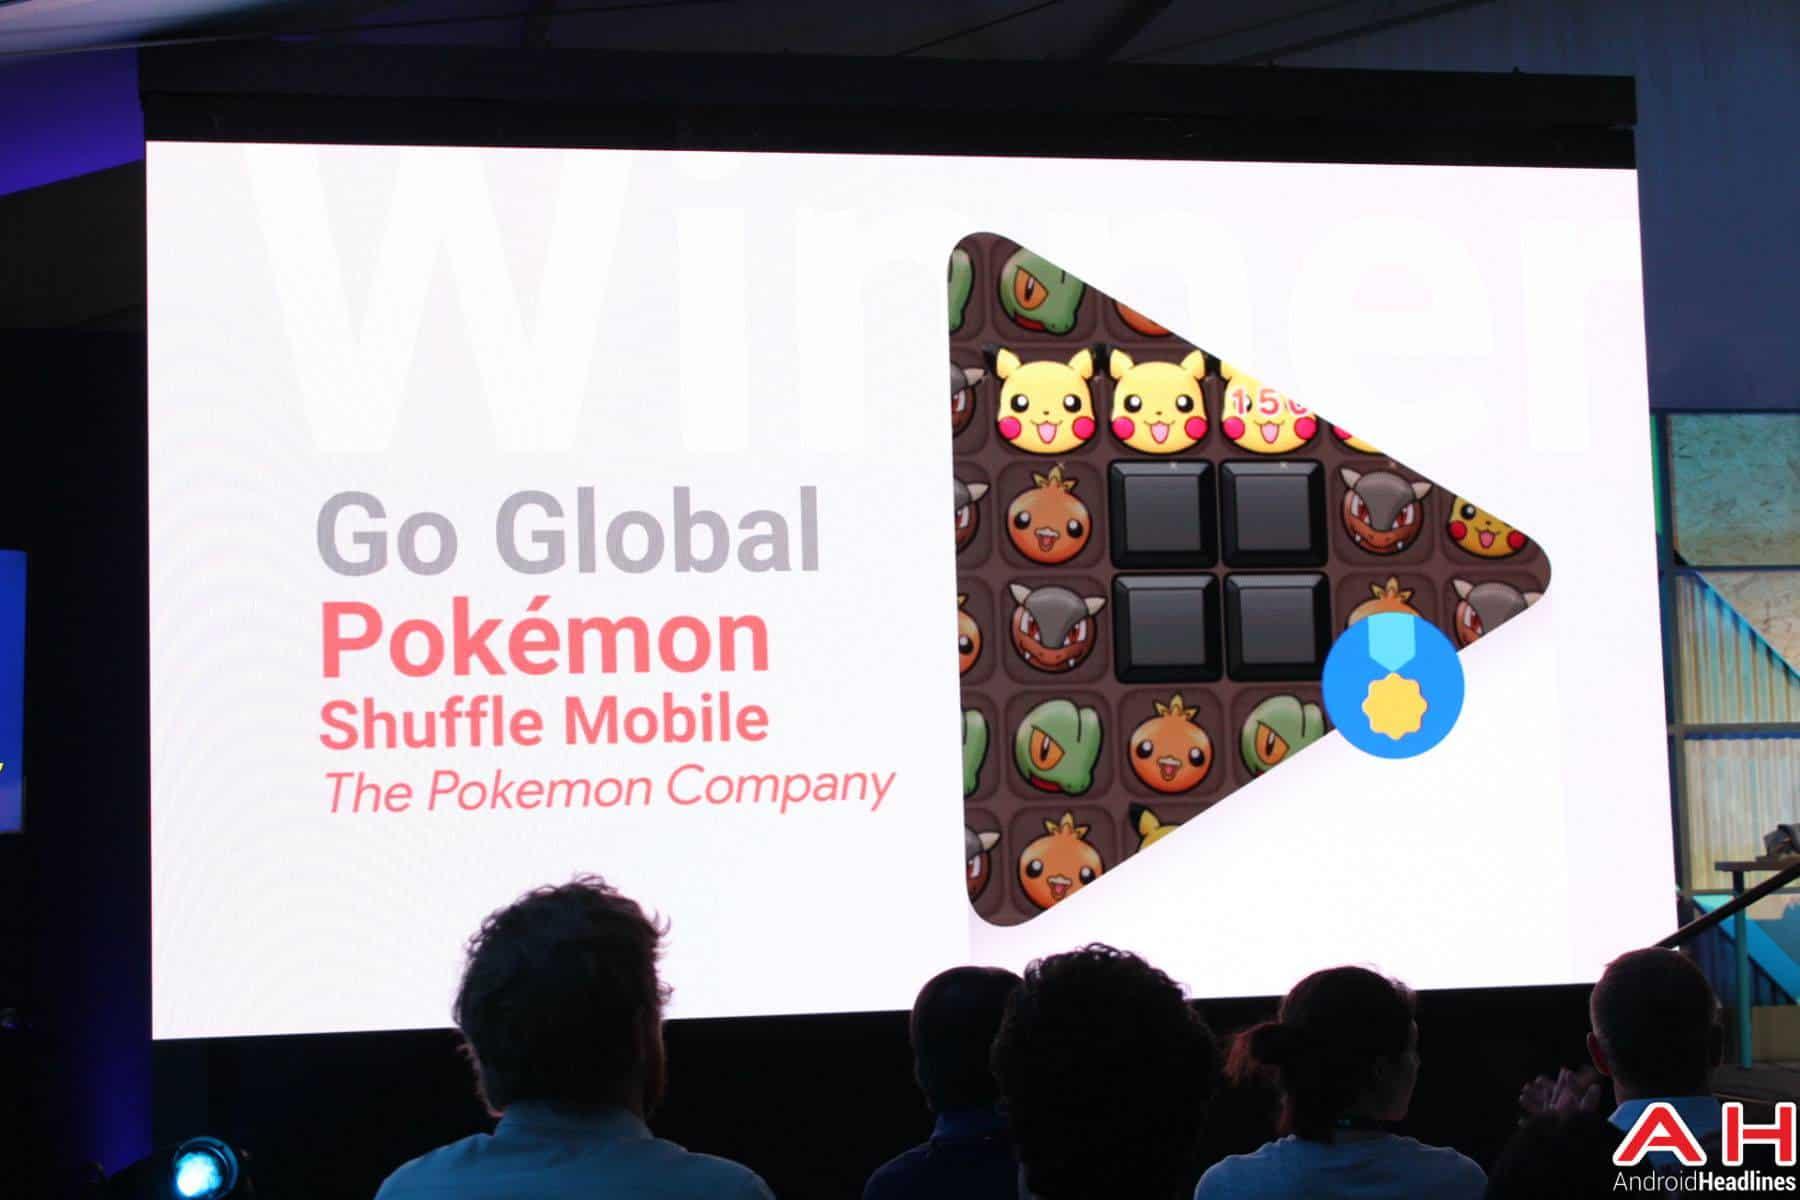 Google Play Awards - Go Global-8